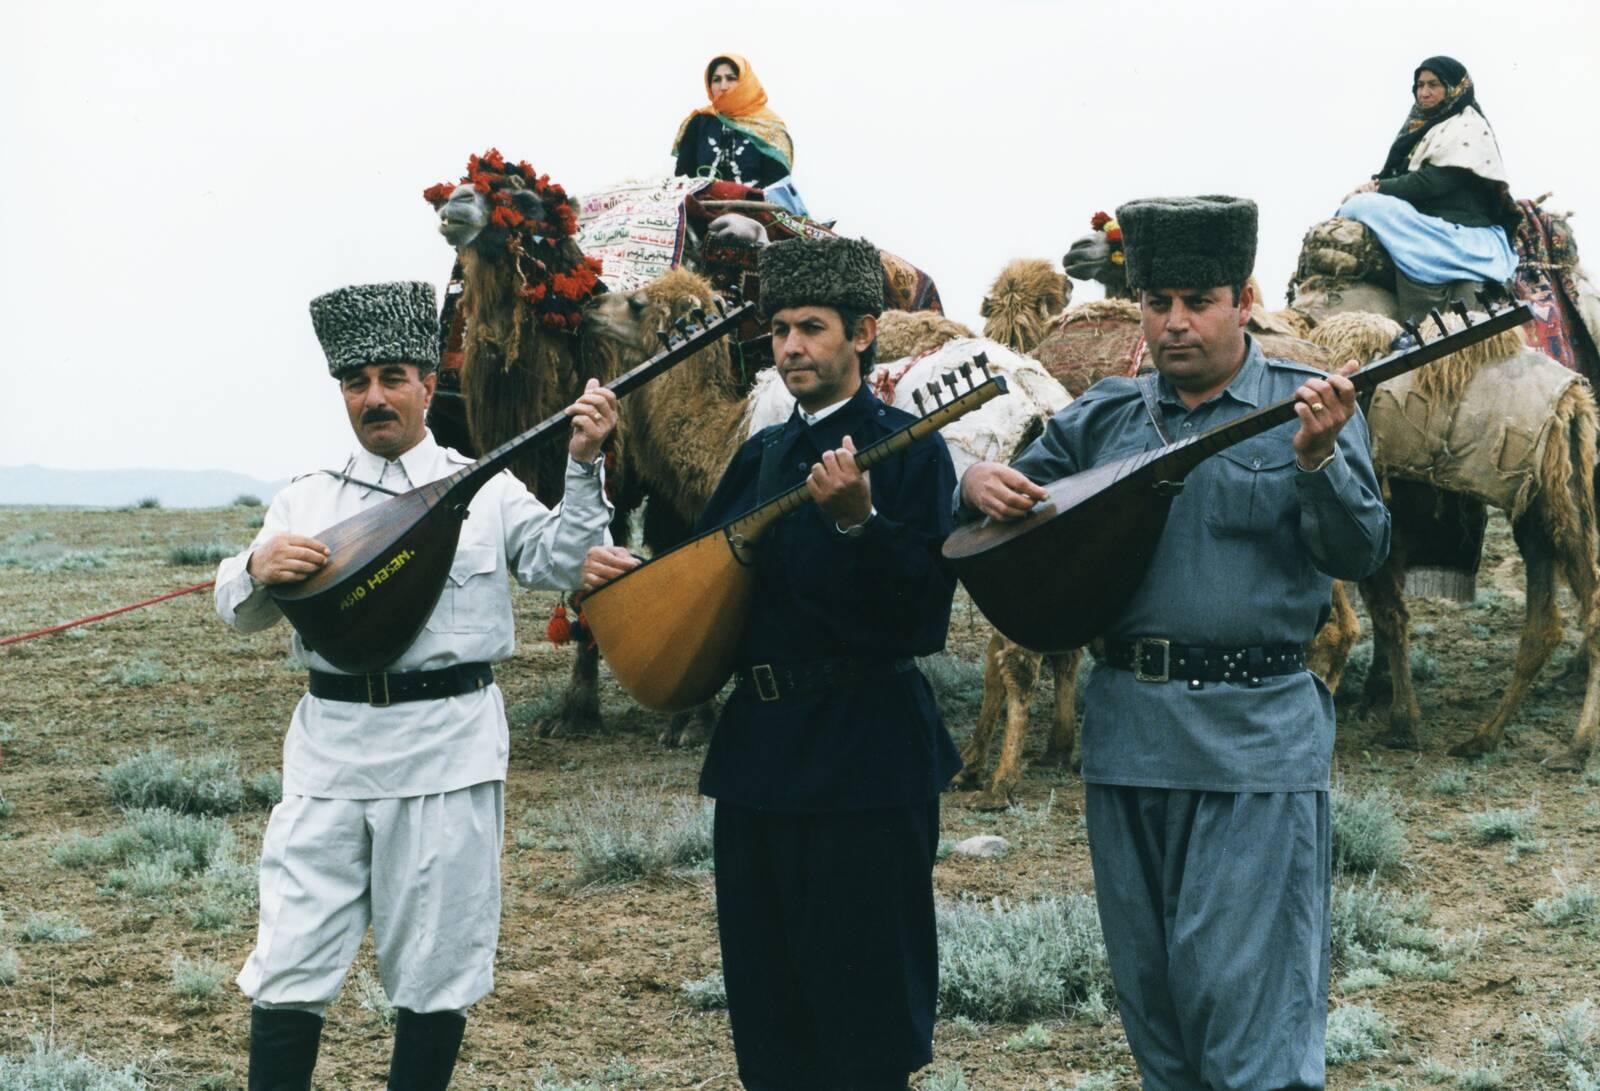 مردان و زنان آذری با لباس های محلی منحصر به فرد